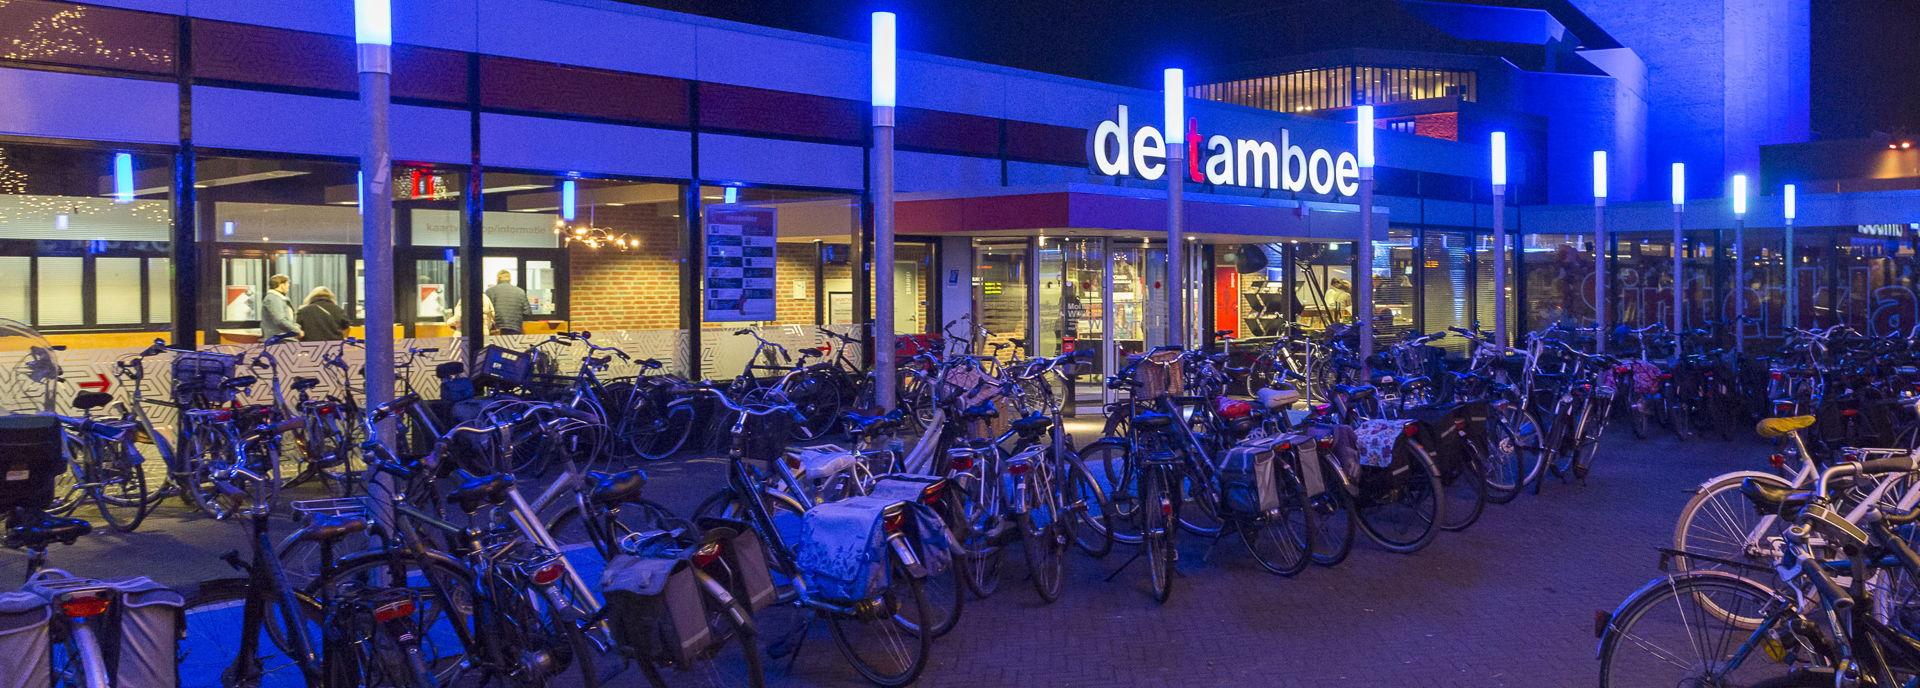 Tijdens het Bluesfestival staat het plein voor De Tamboer vol met fietsen.